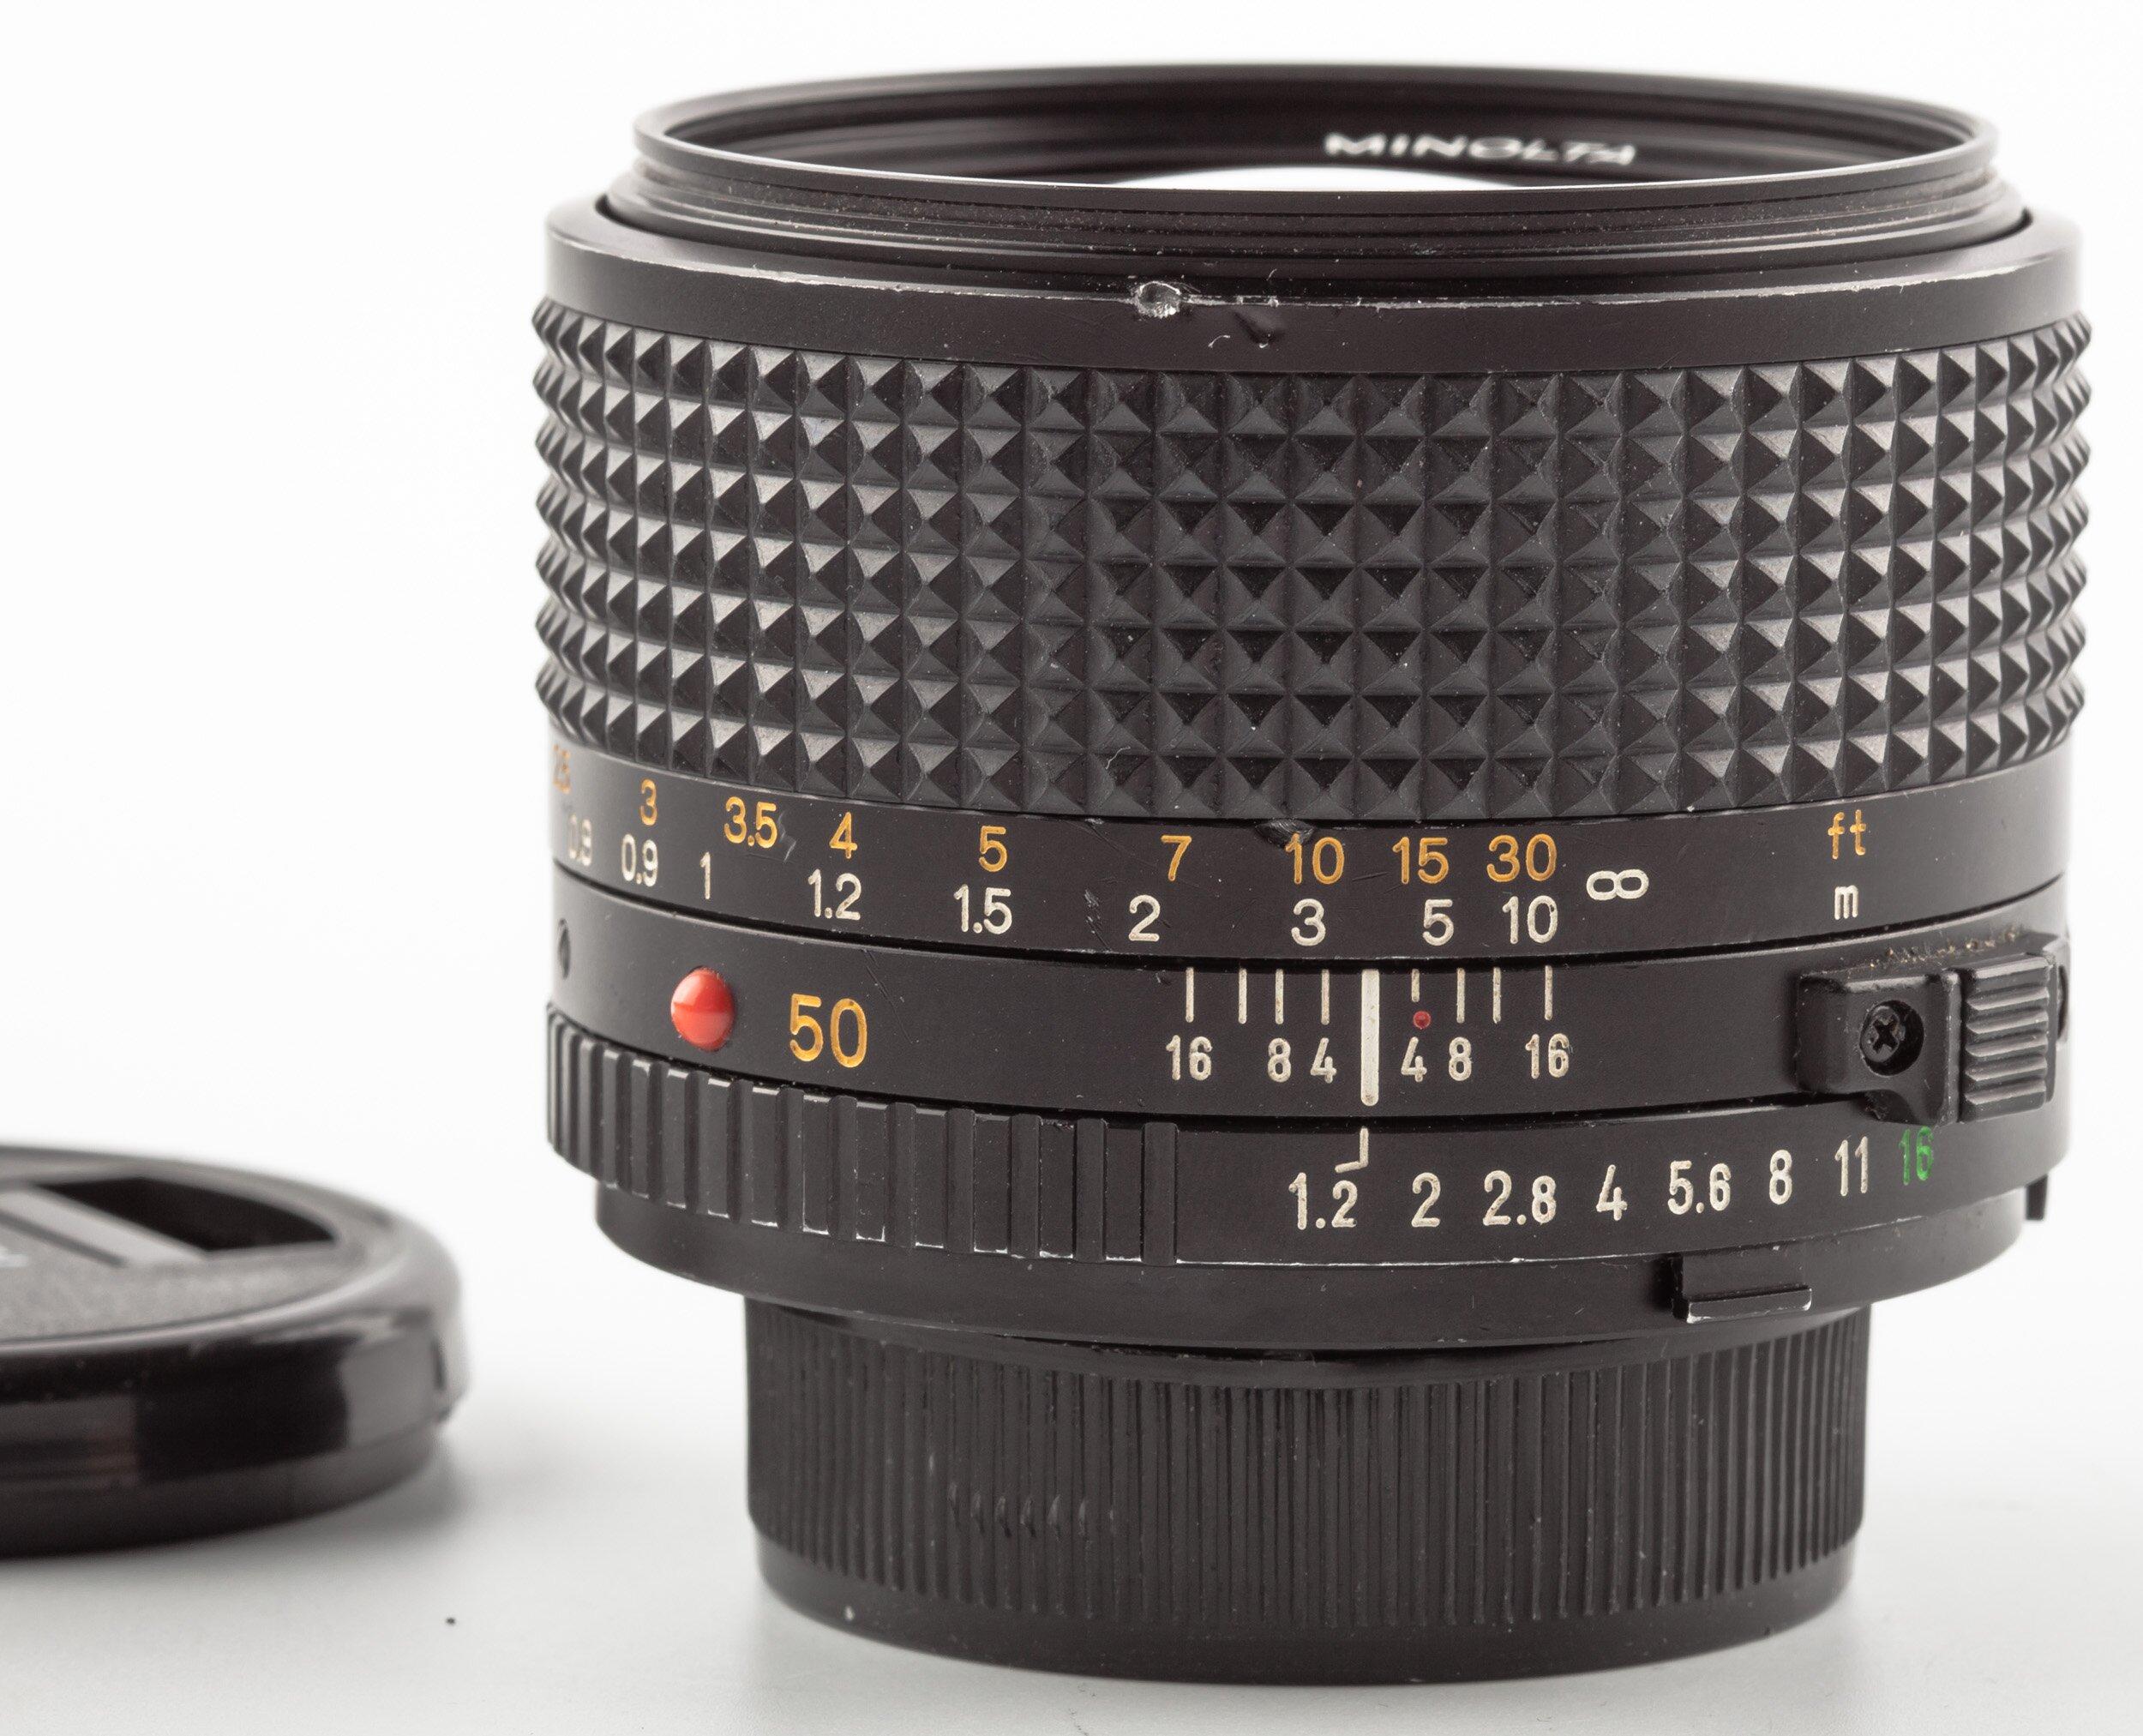 Minolta MC 50mm F1.2